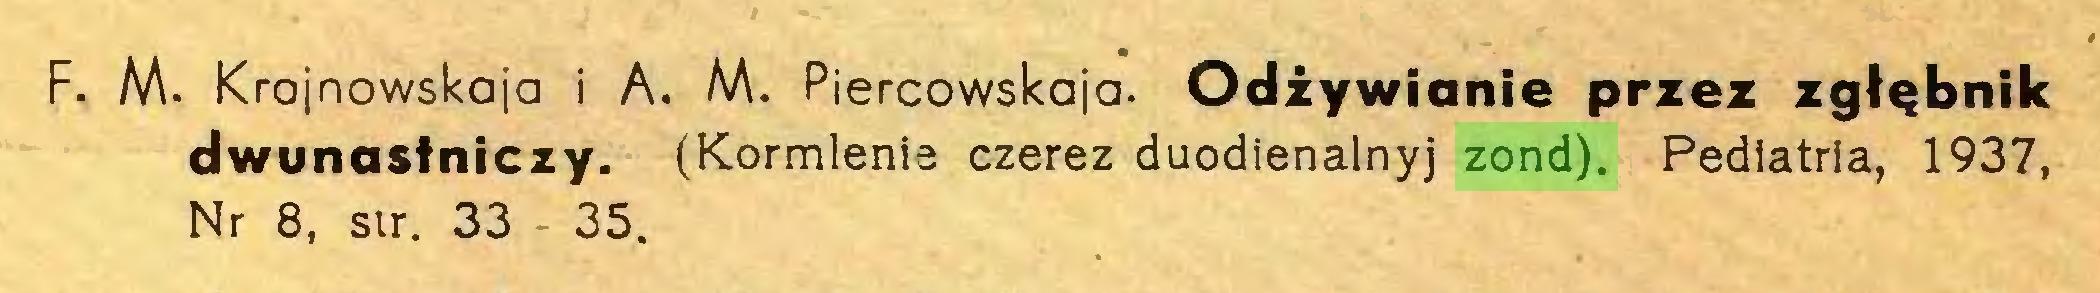 (...) F. M. Krojnowskaja i A. M. Piercowskaja. Odżywianie przez zgłębnik dwunastniczy. (Kormlenie czerez duodienalnyj zond). Pediatria, 1937, Nr 8, str. 33 - 35...